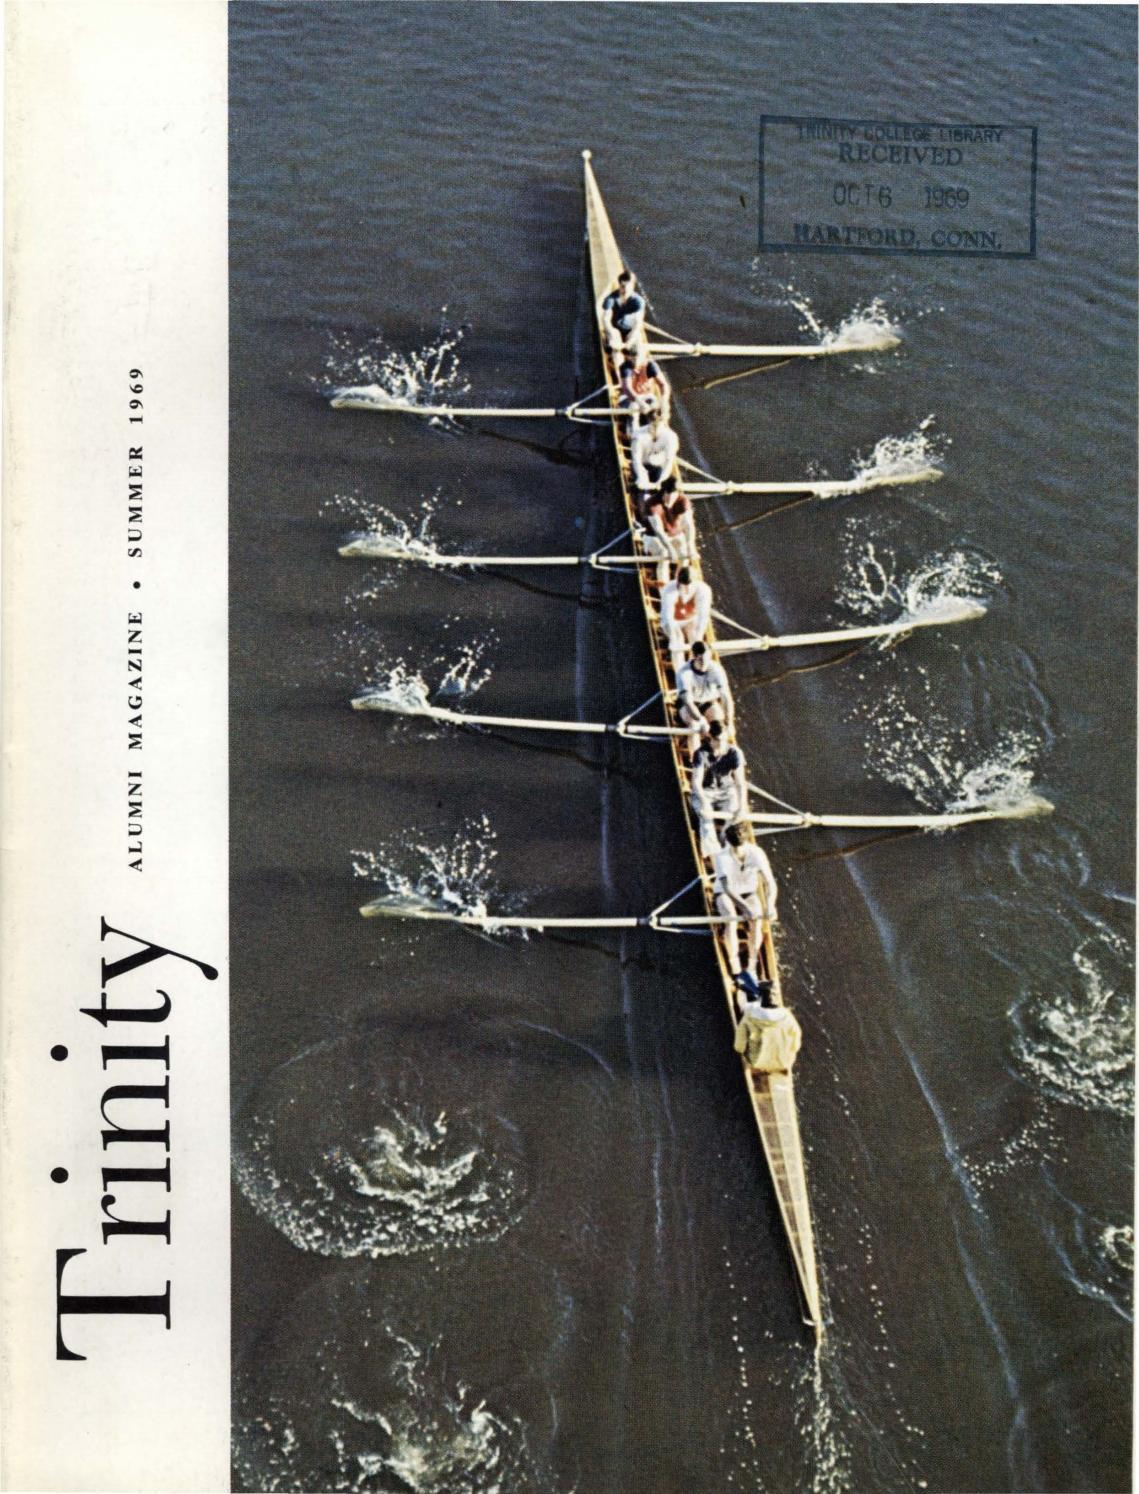 dae9f1b14e3 Summer1969 by Trinity College Digital Repository - issuu